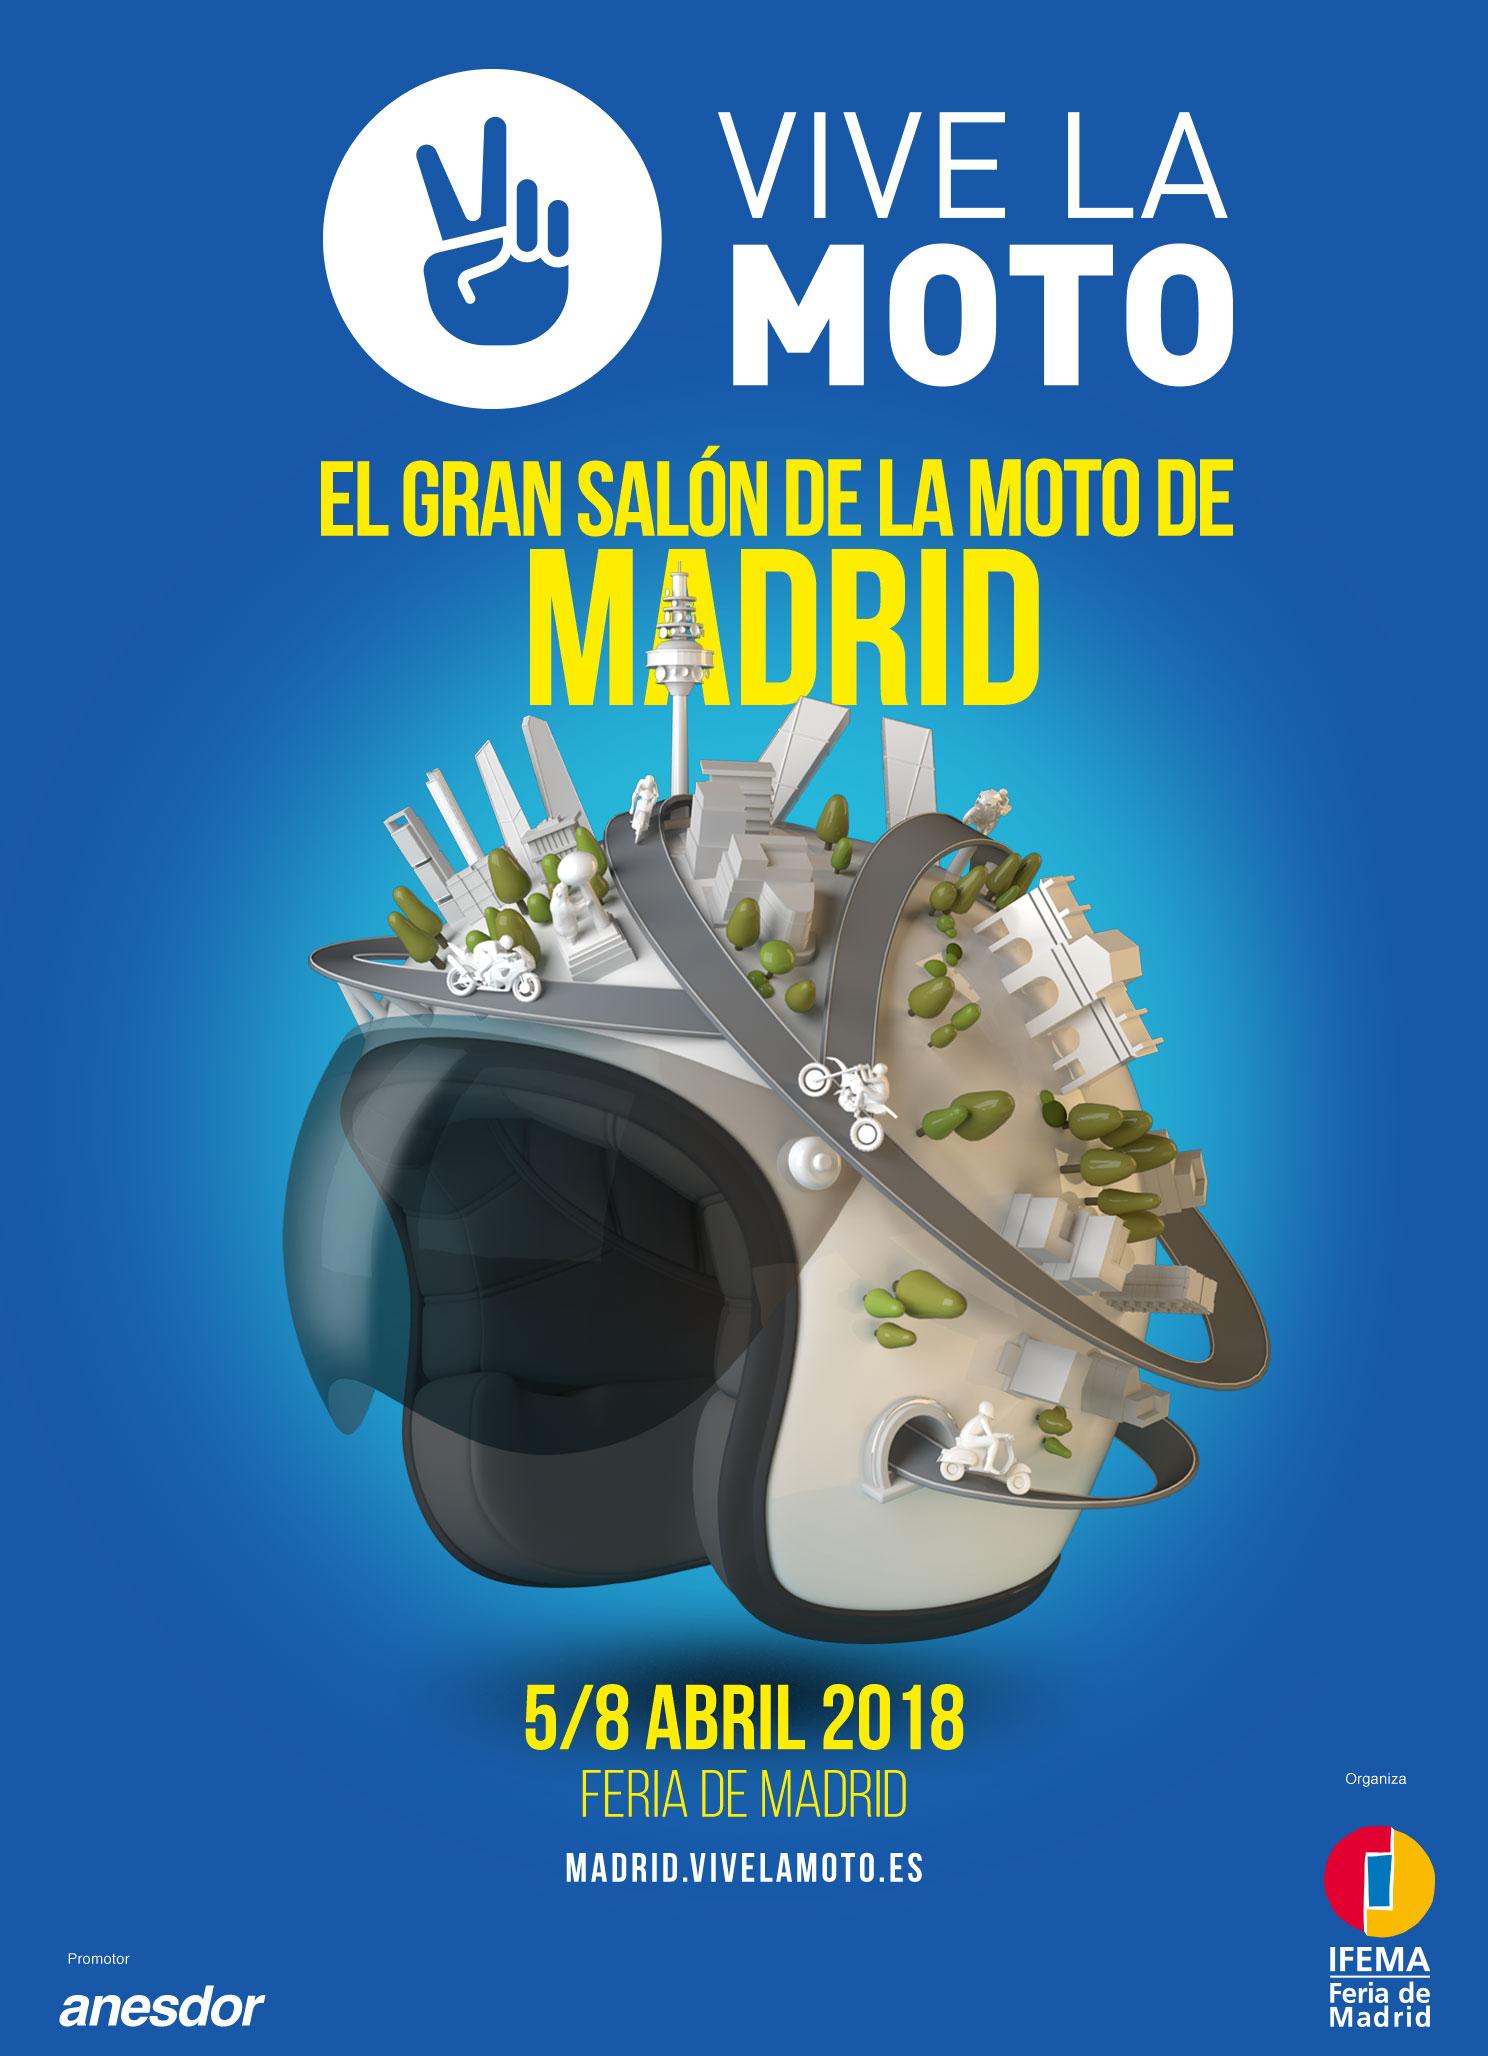 Vive la moto 2018 sal n de la moto de madrid blog de for Salon de la moto 2018